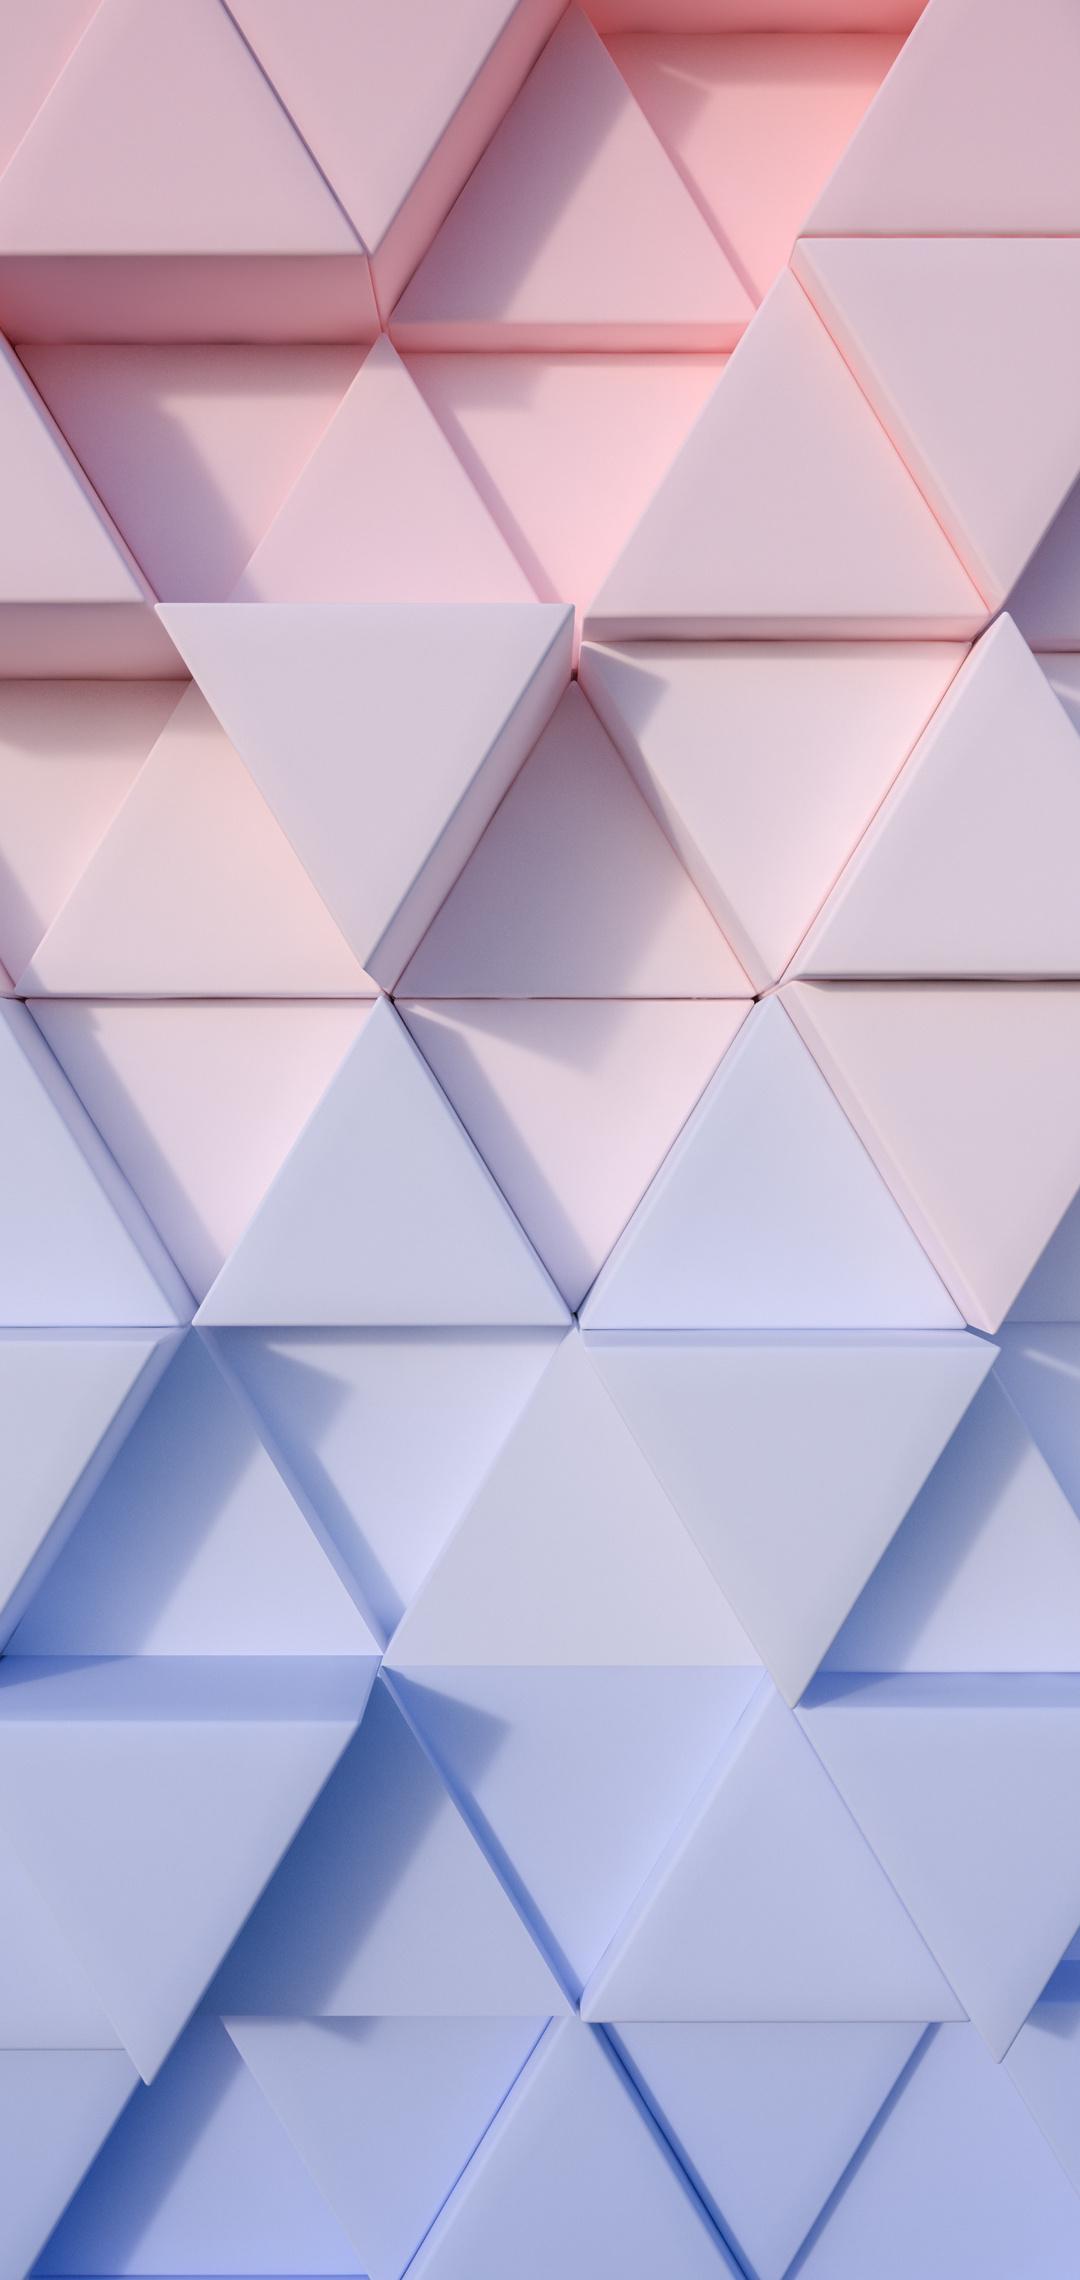 triangle pastel 3d 4k 0d